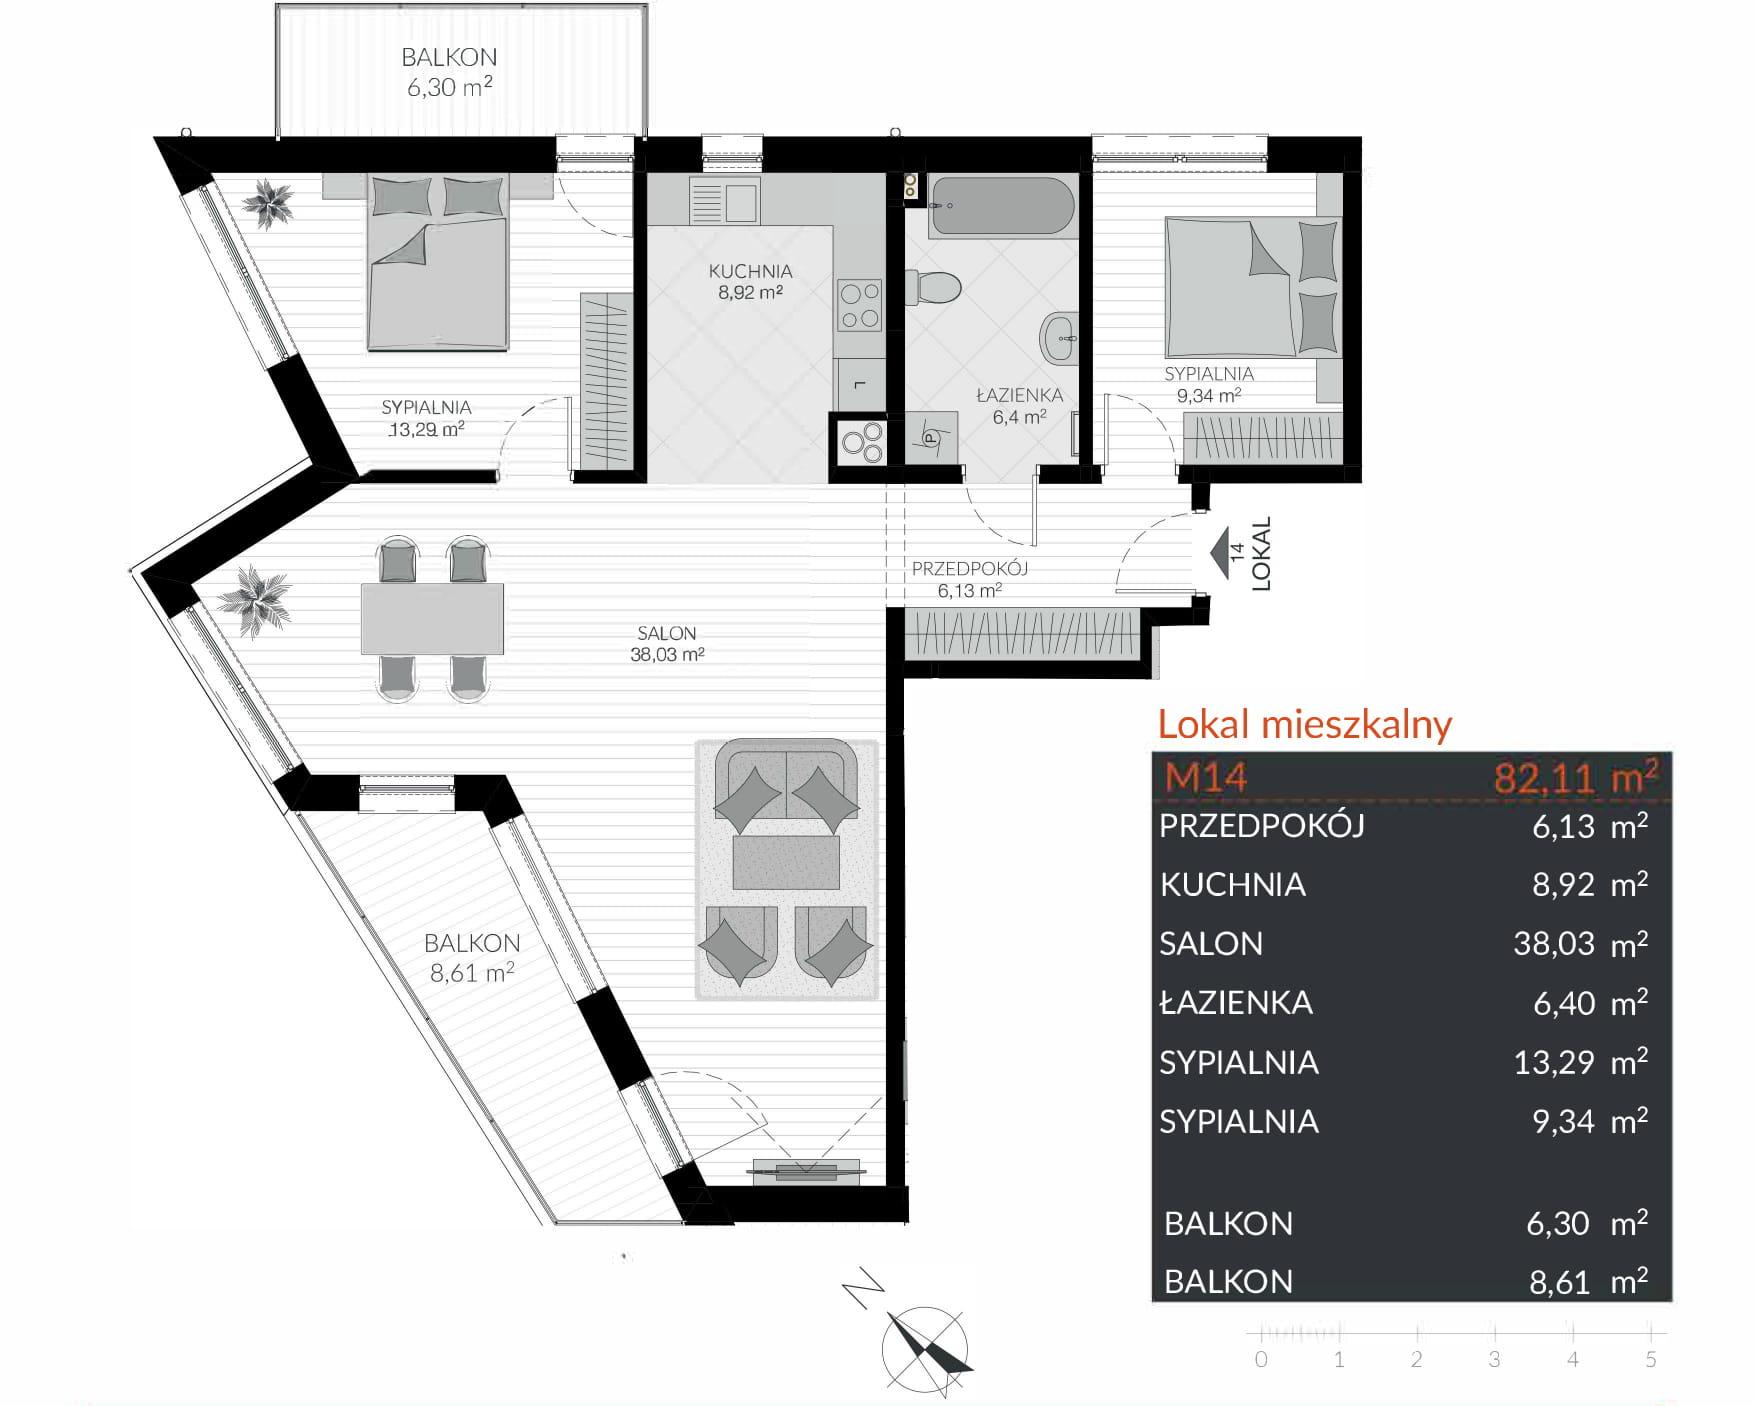 Apartamenty Kamienna / apartamenty inwestycyjne M14 rzut 1